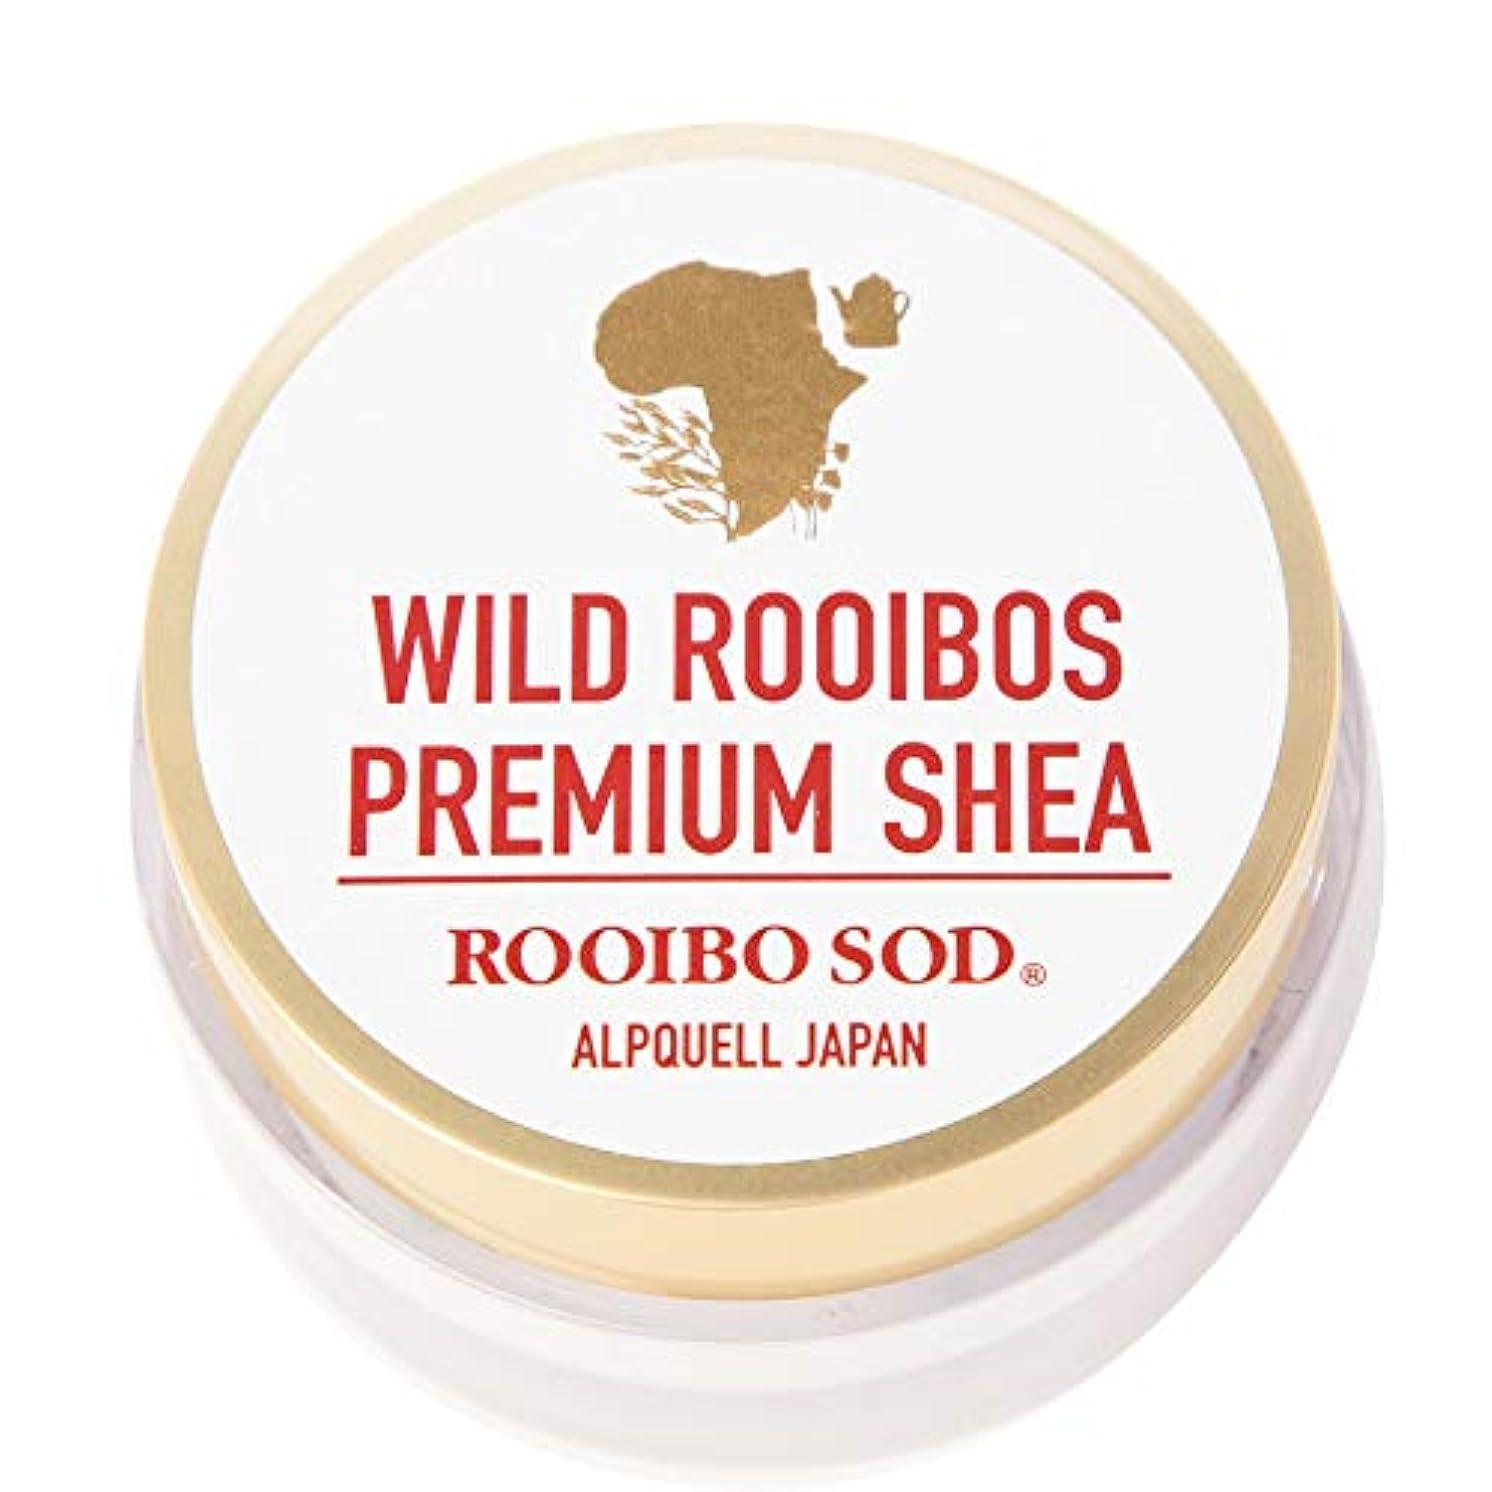 焦がす送る塊ROOIBO SOD ルイボソード プレミアムシアクリーム シア脂 ルイボスエキス配合 無添加、天然成分100%